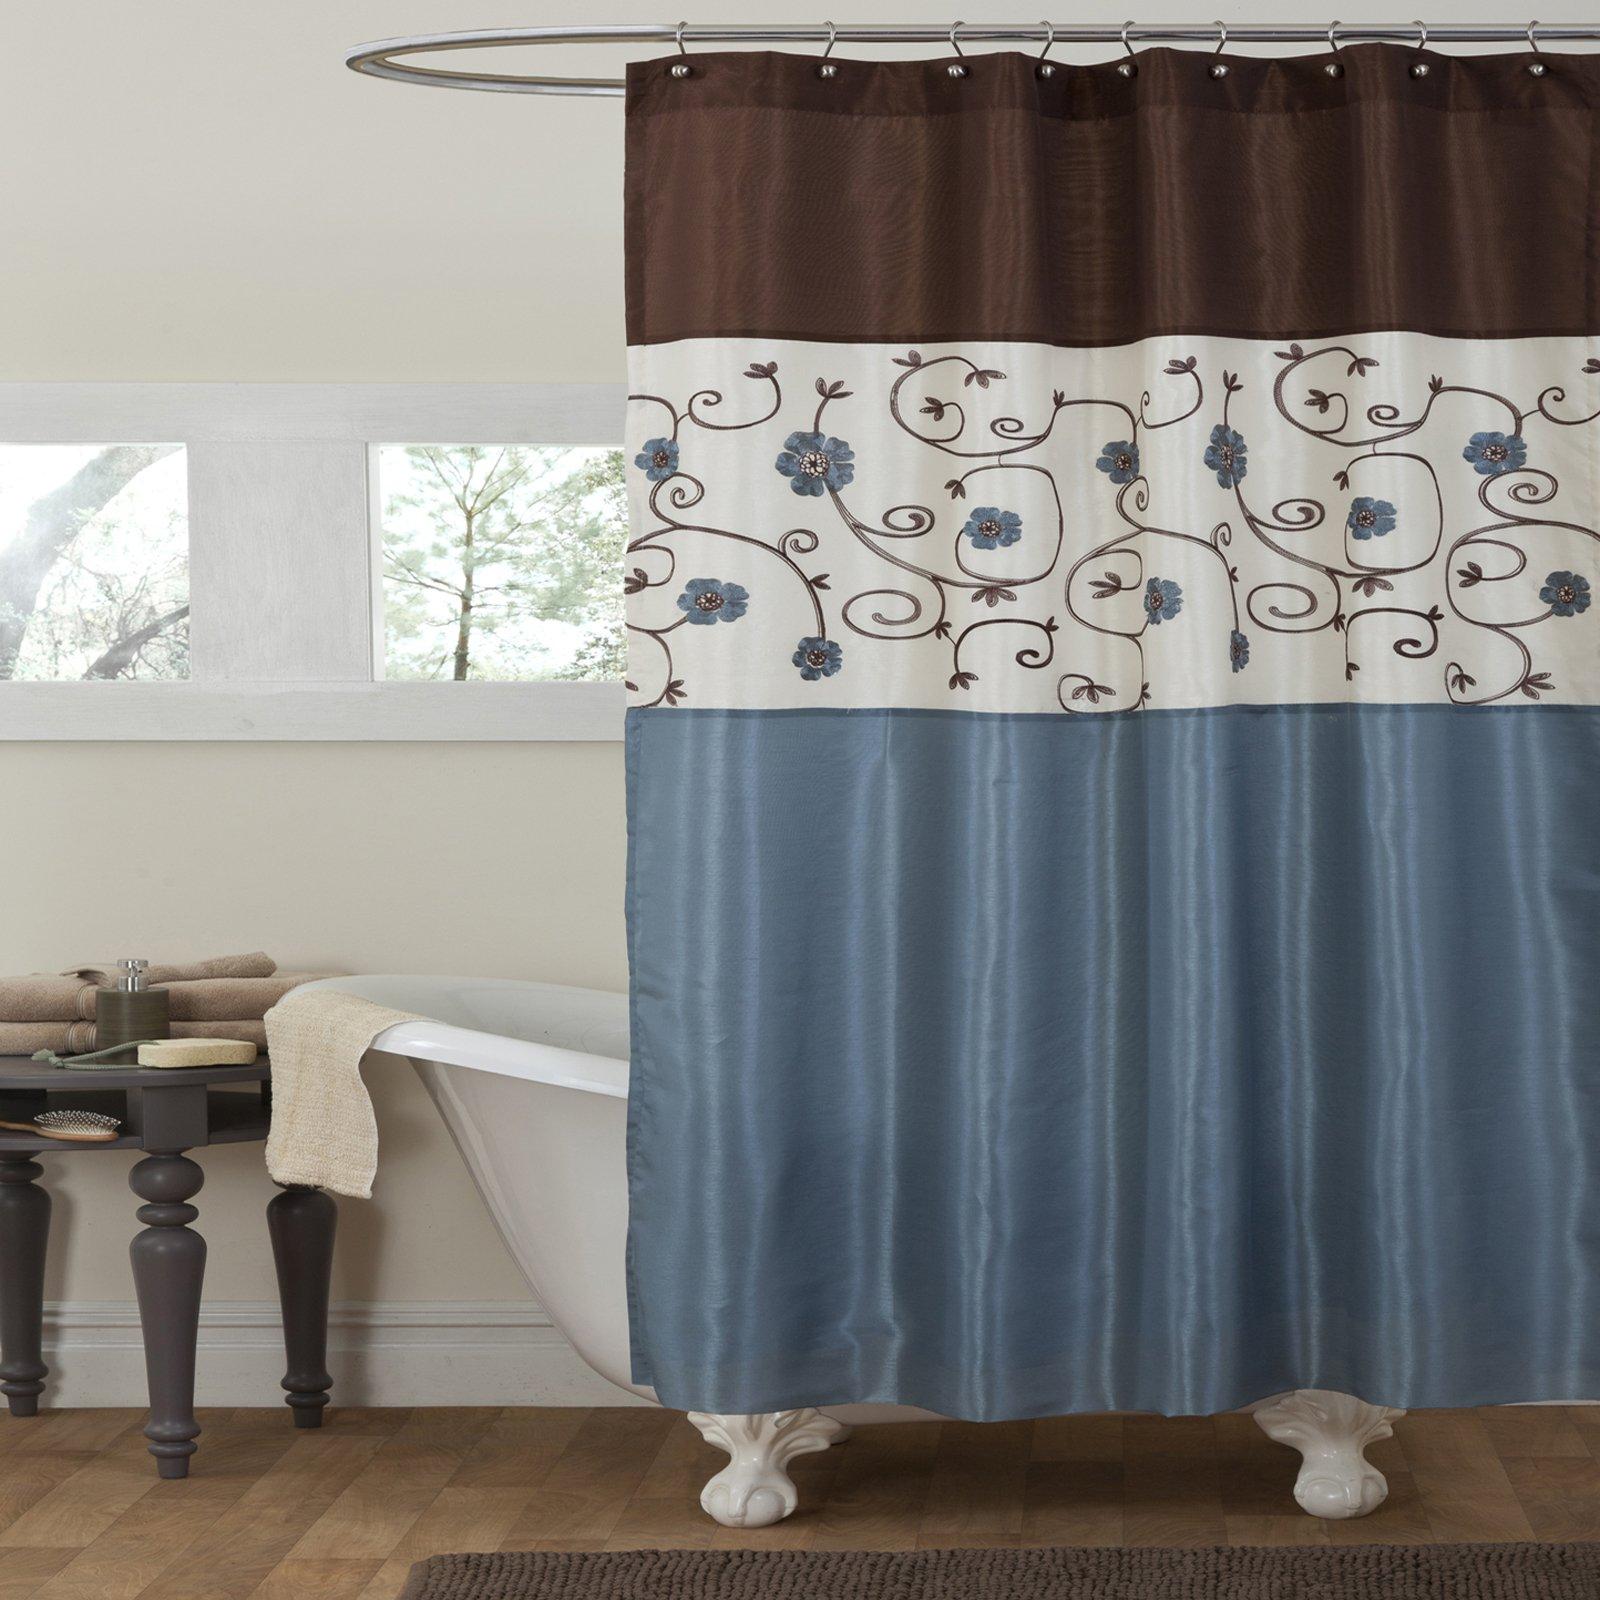 Lush Decor Royal Garden Shower Curtain, Blue, Standard